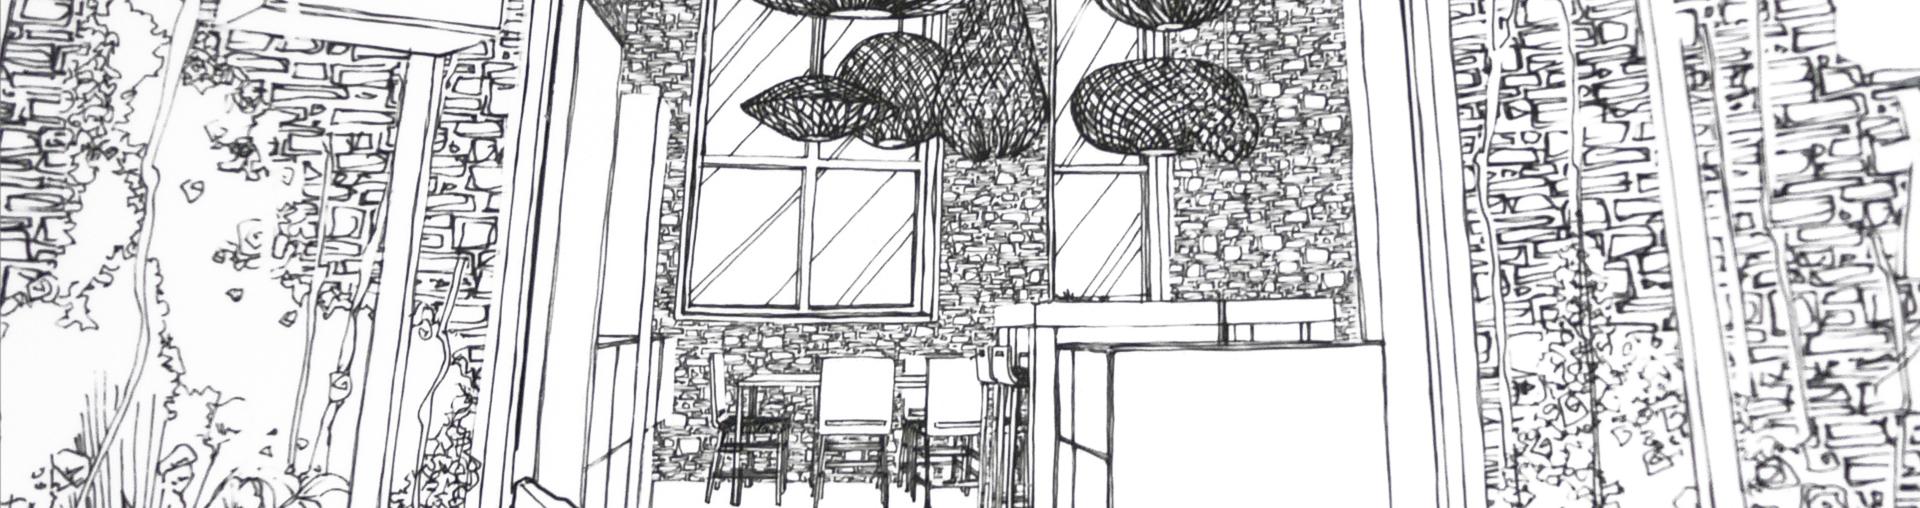 IFAT-Ecole Architecture Interieure-Vannes-Plescop-56-Axes de formation